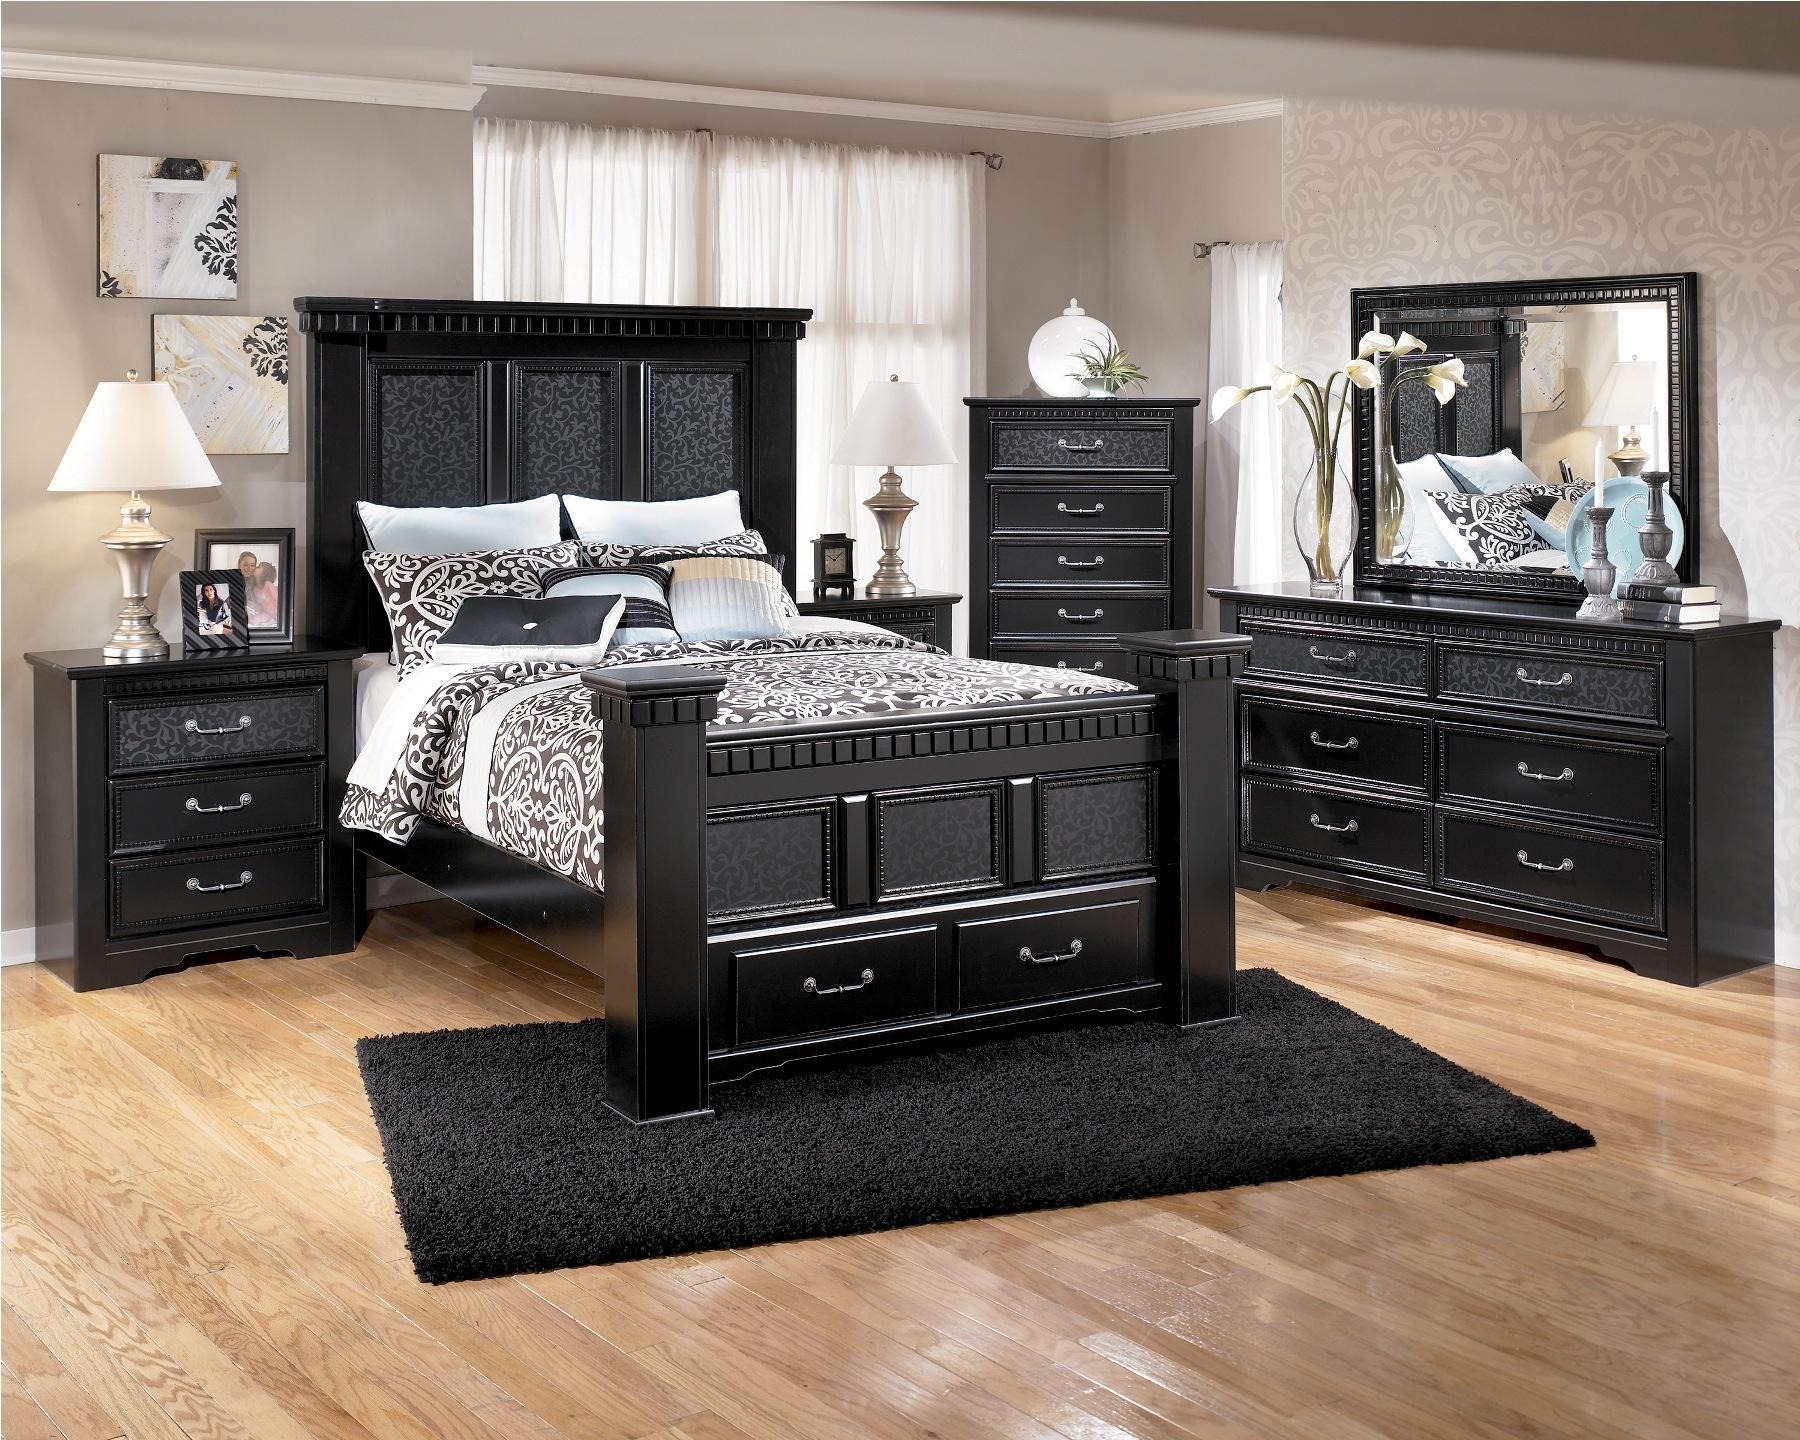 Furniture > Bedroom Furniture > Bedroom Collection > Mansion ...